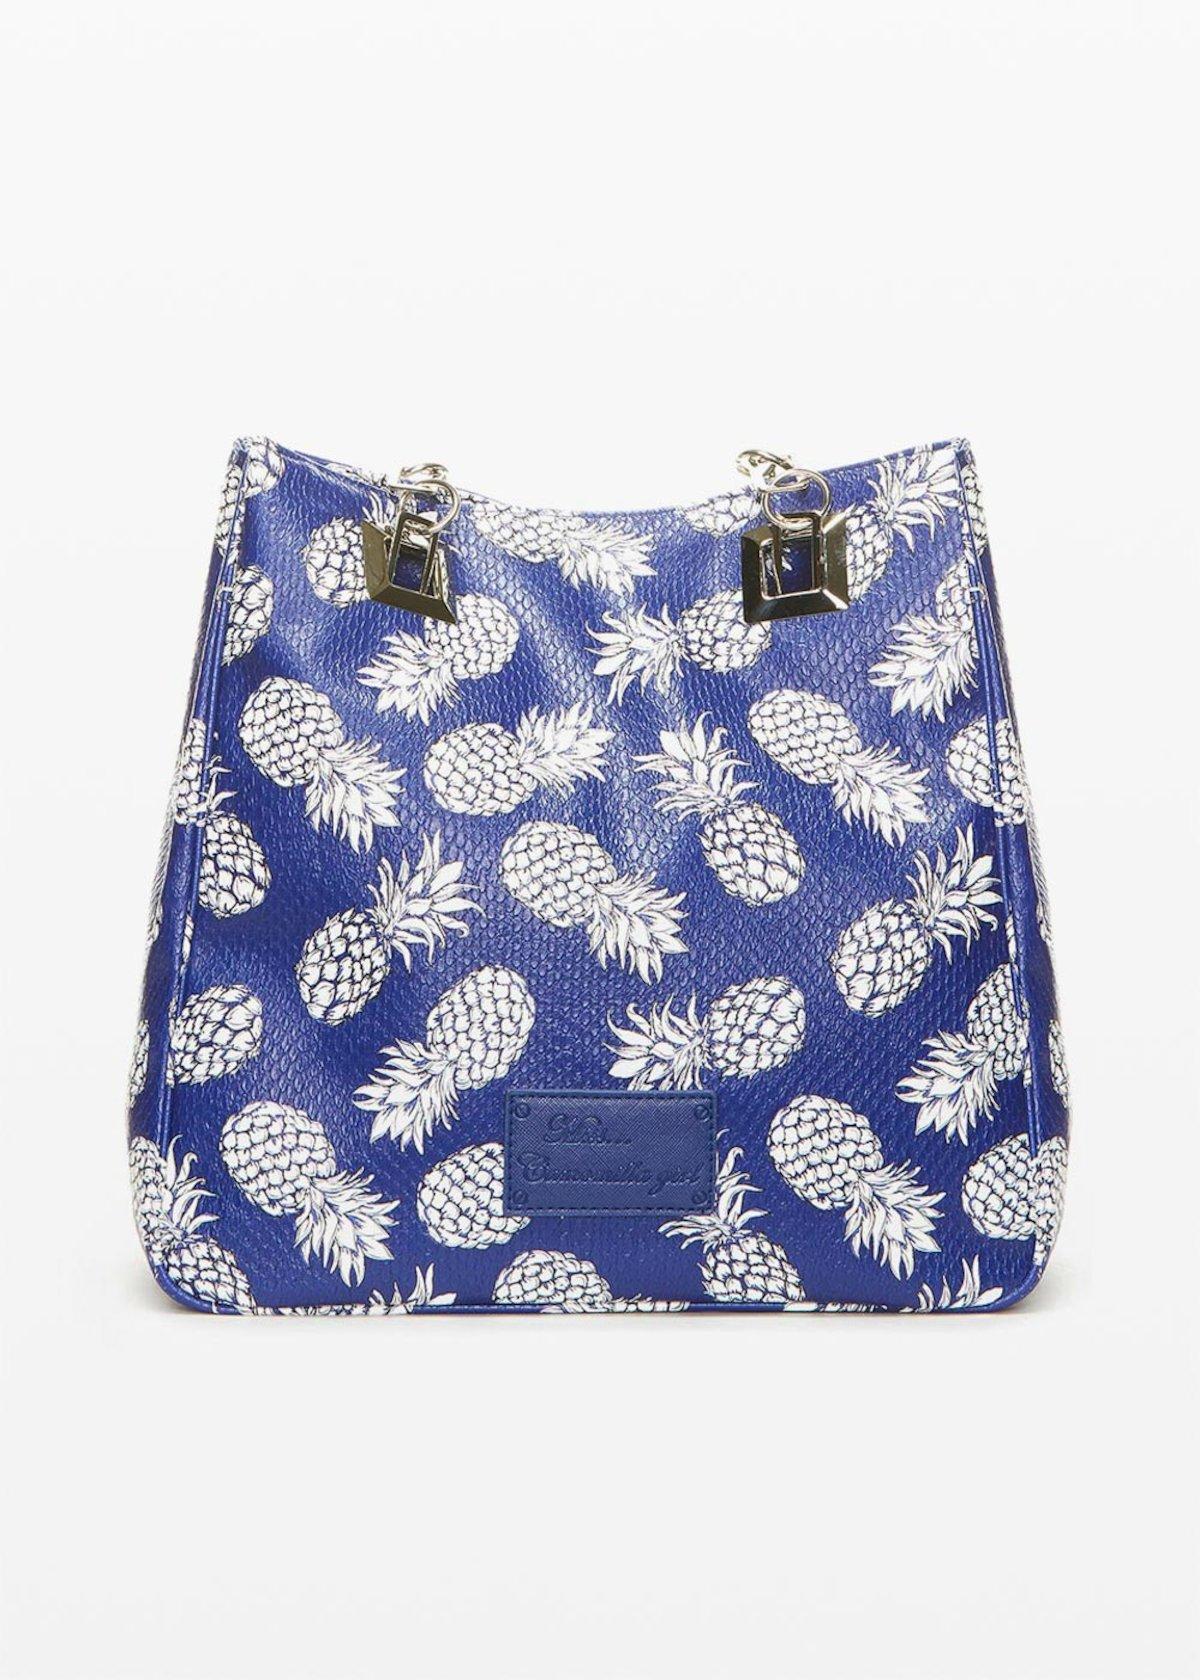 Shopping bag Misspinea con manici in tessuto e catena - Night Fantasia - Donna - Immagine categoria